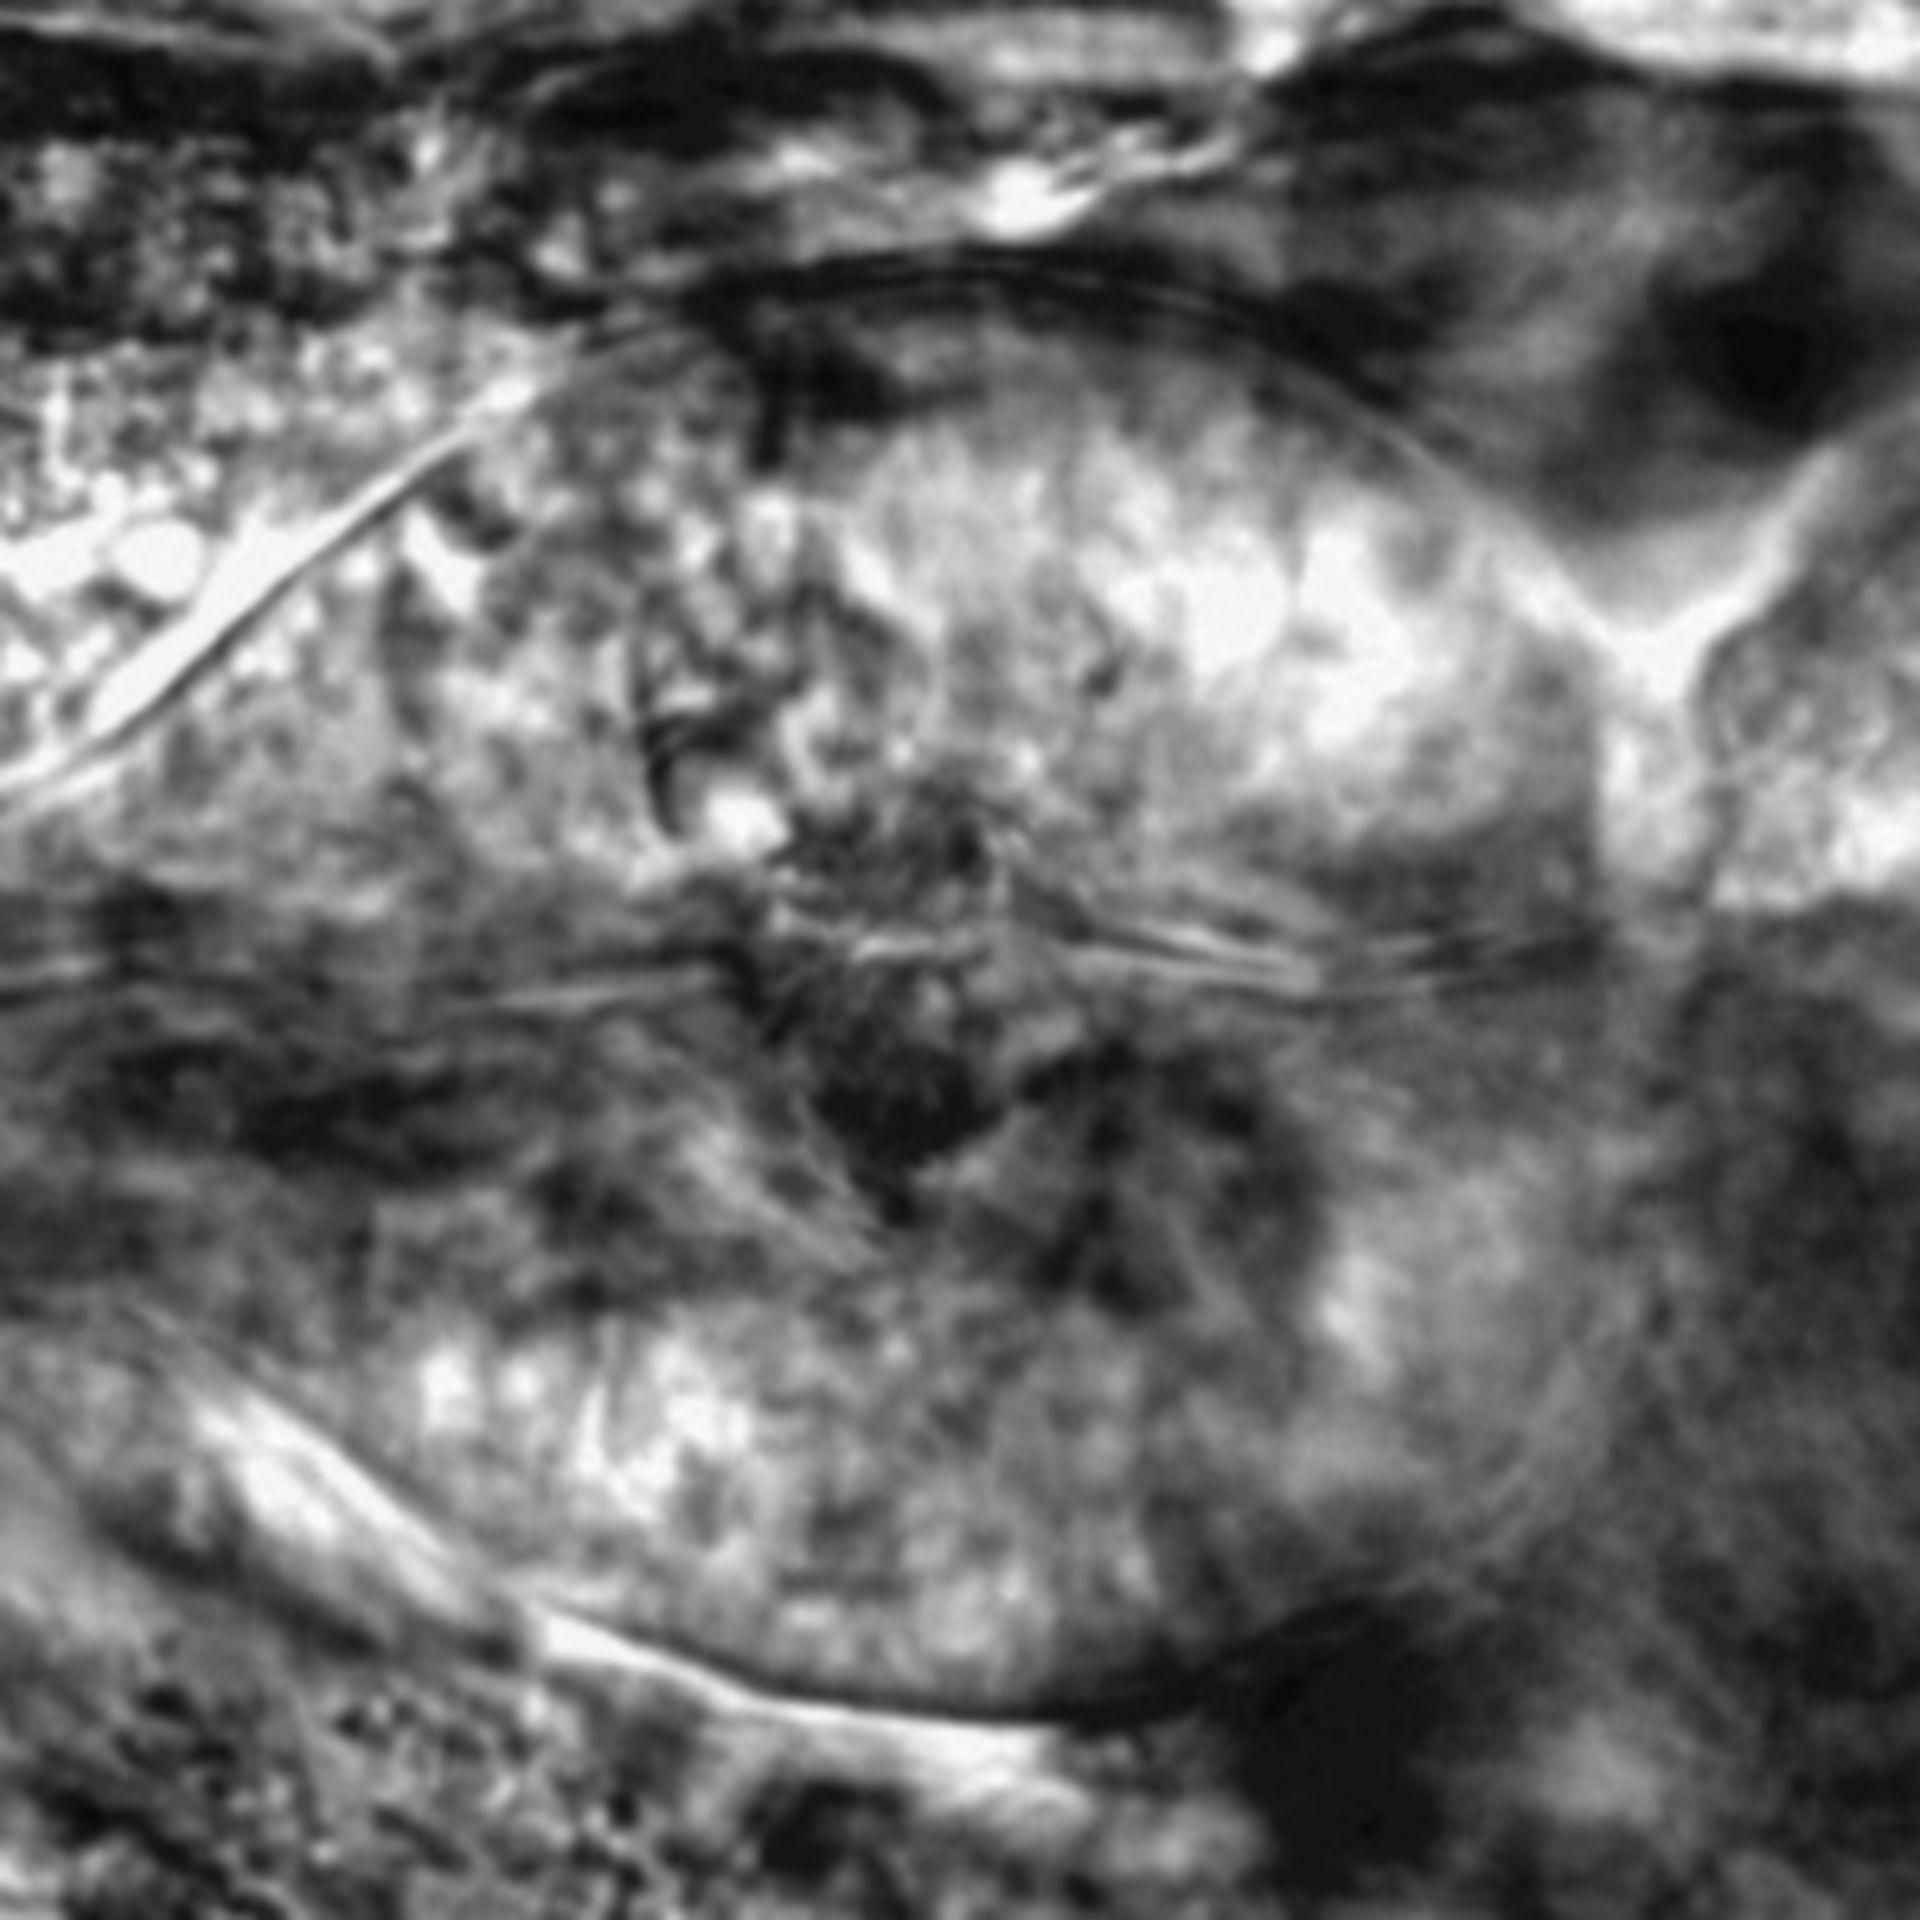 Caenorhabditis elegans - CIL:2712